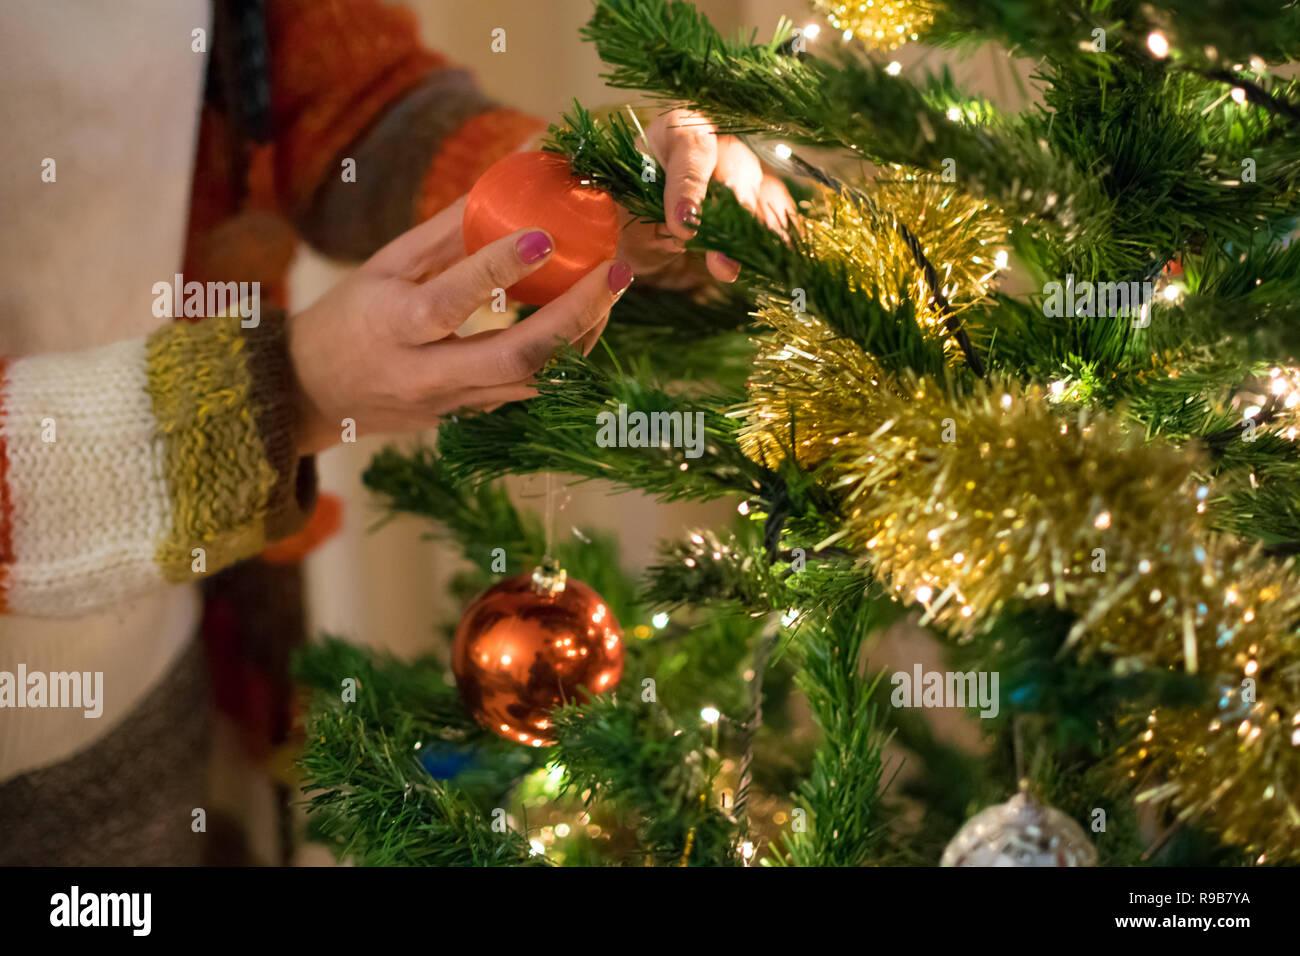 Weihnachtsbaum Tradition.Frau Schmücken Weihnachtsbaum Spanische Tradition Für Weihnachten